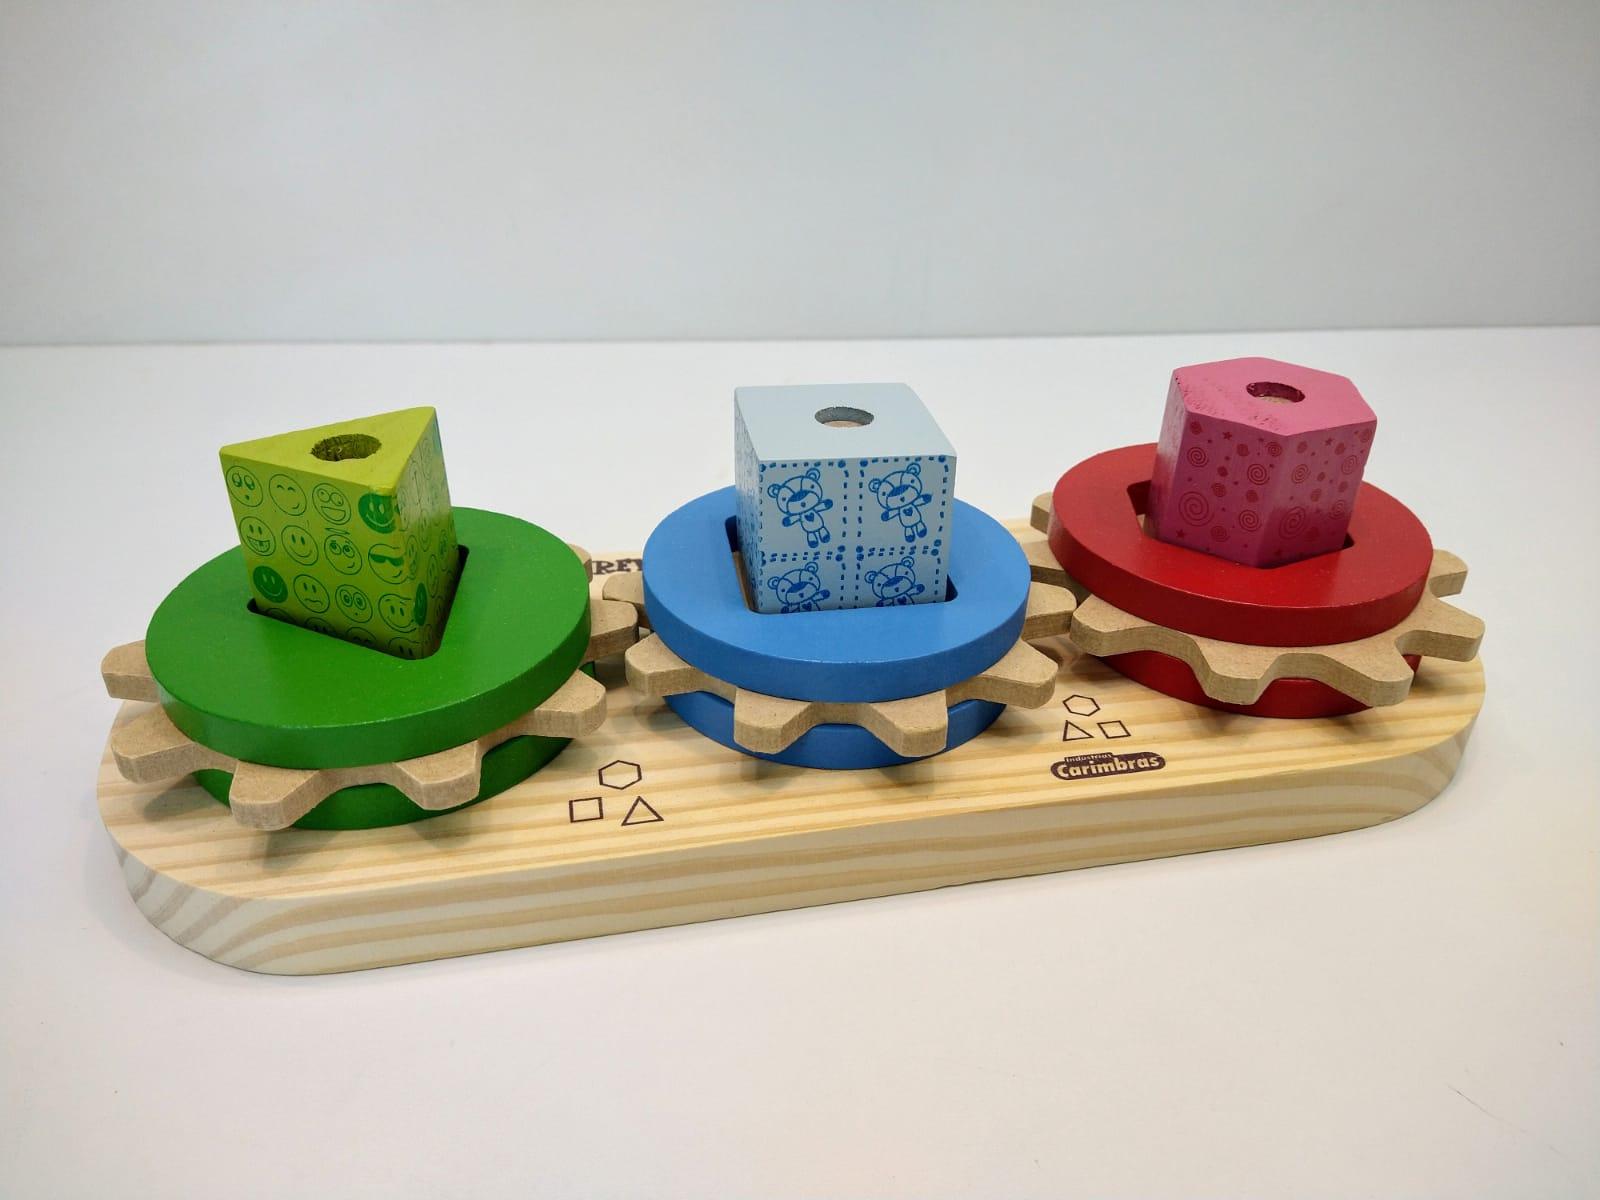 Brinquedo Educativo Engrena Roda Em Madeira 4340 Carimbras